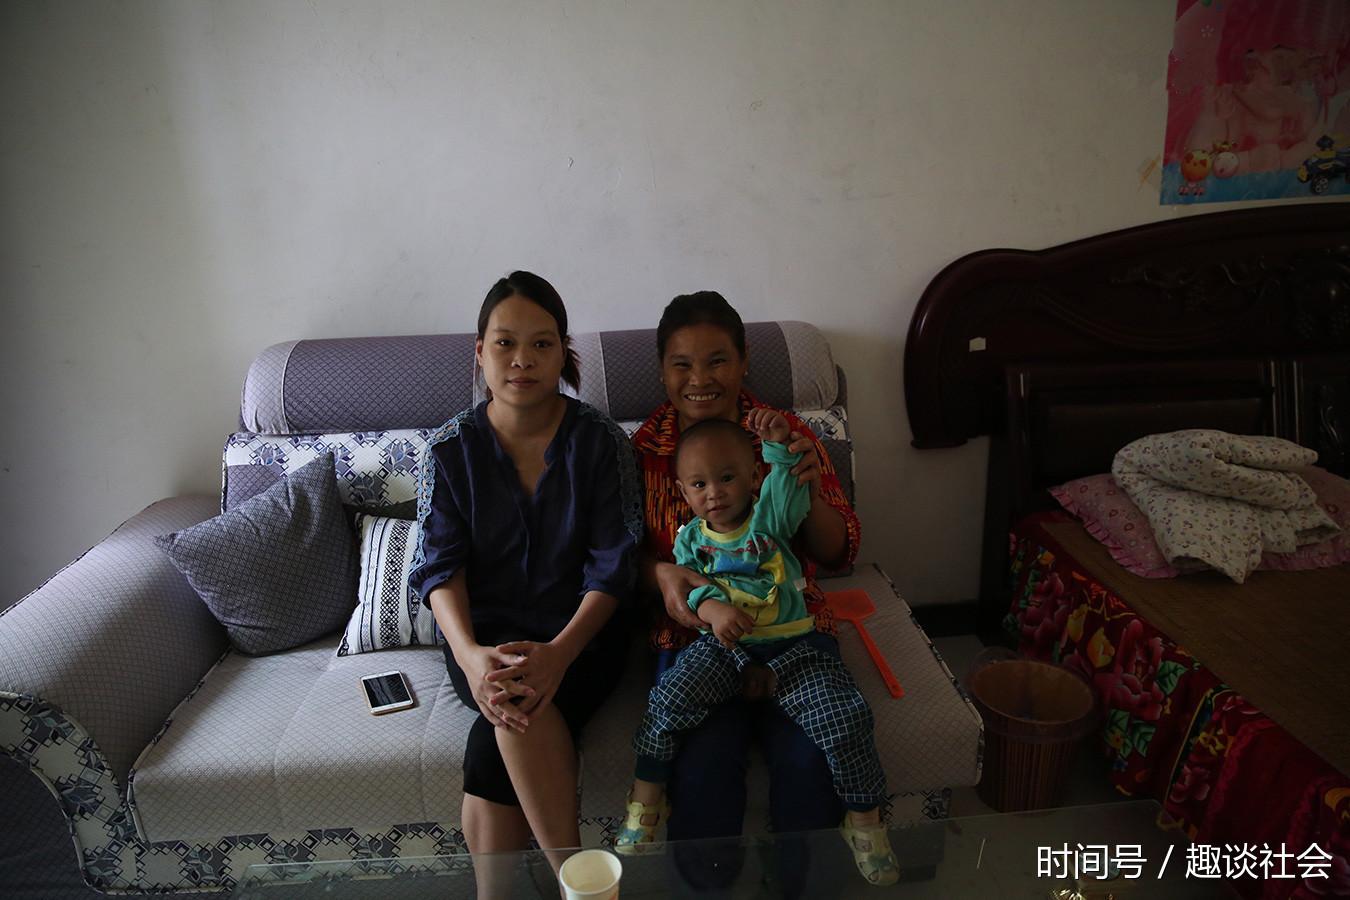 直击嫁给中国汉子的外国媳妇,生活过得丰衣足食不想回国 - 后老兵 - 雲南铁道兵战友HOU老兵博客;